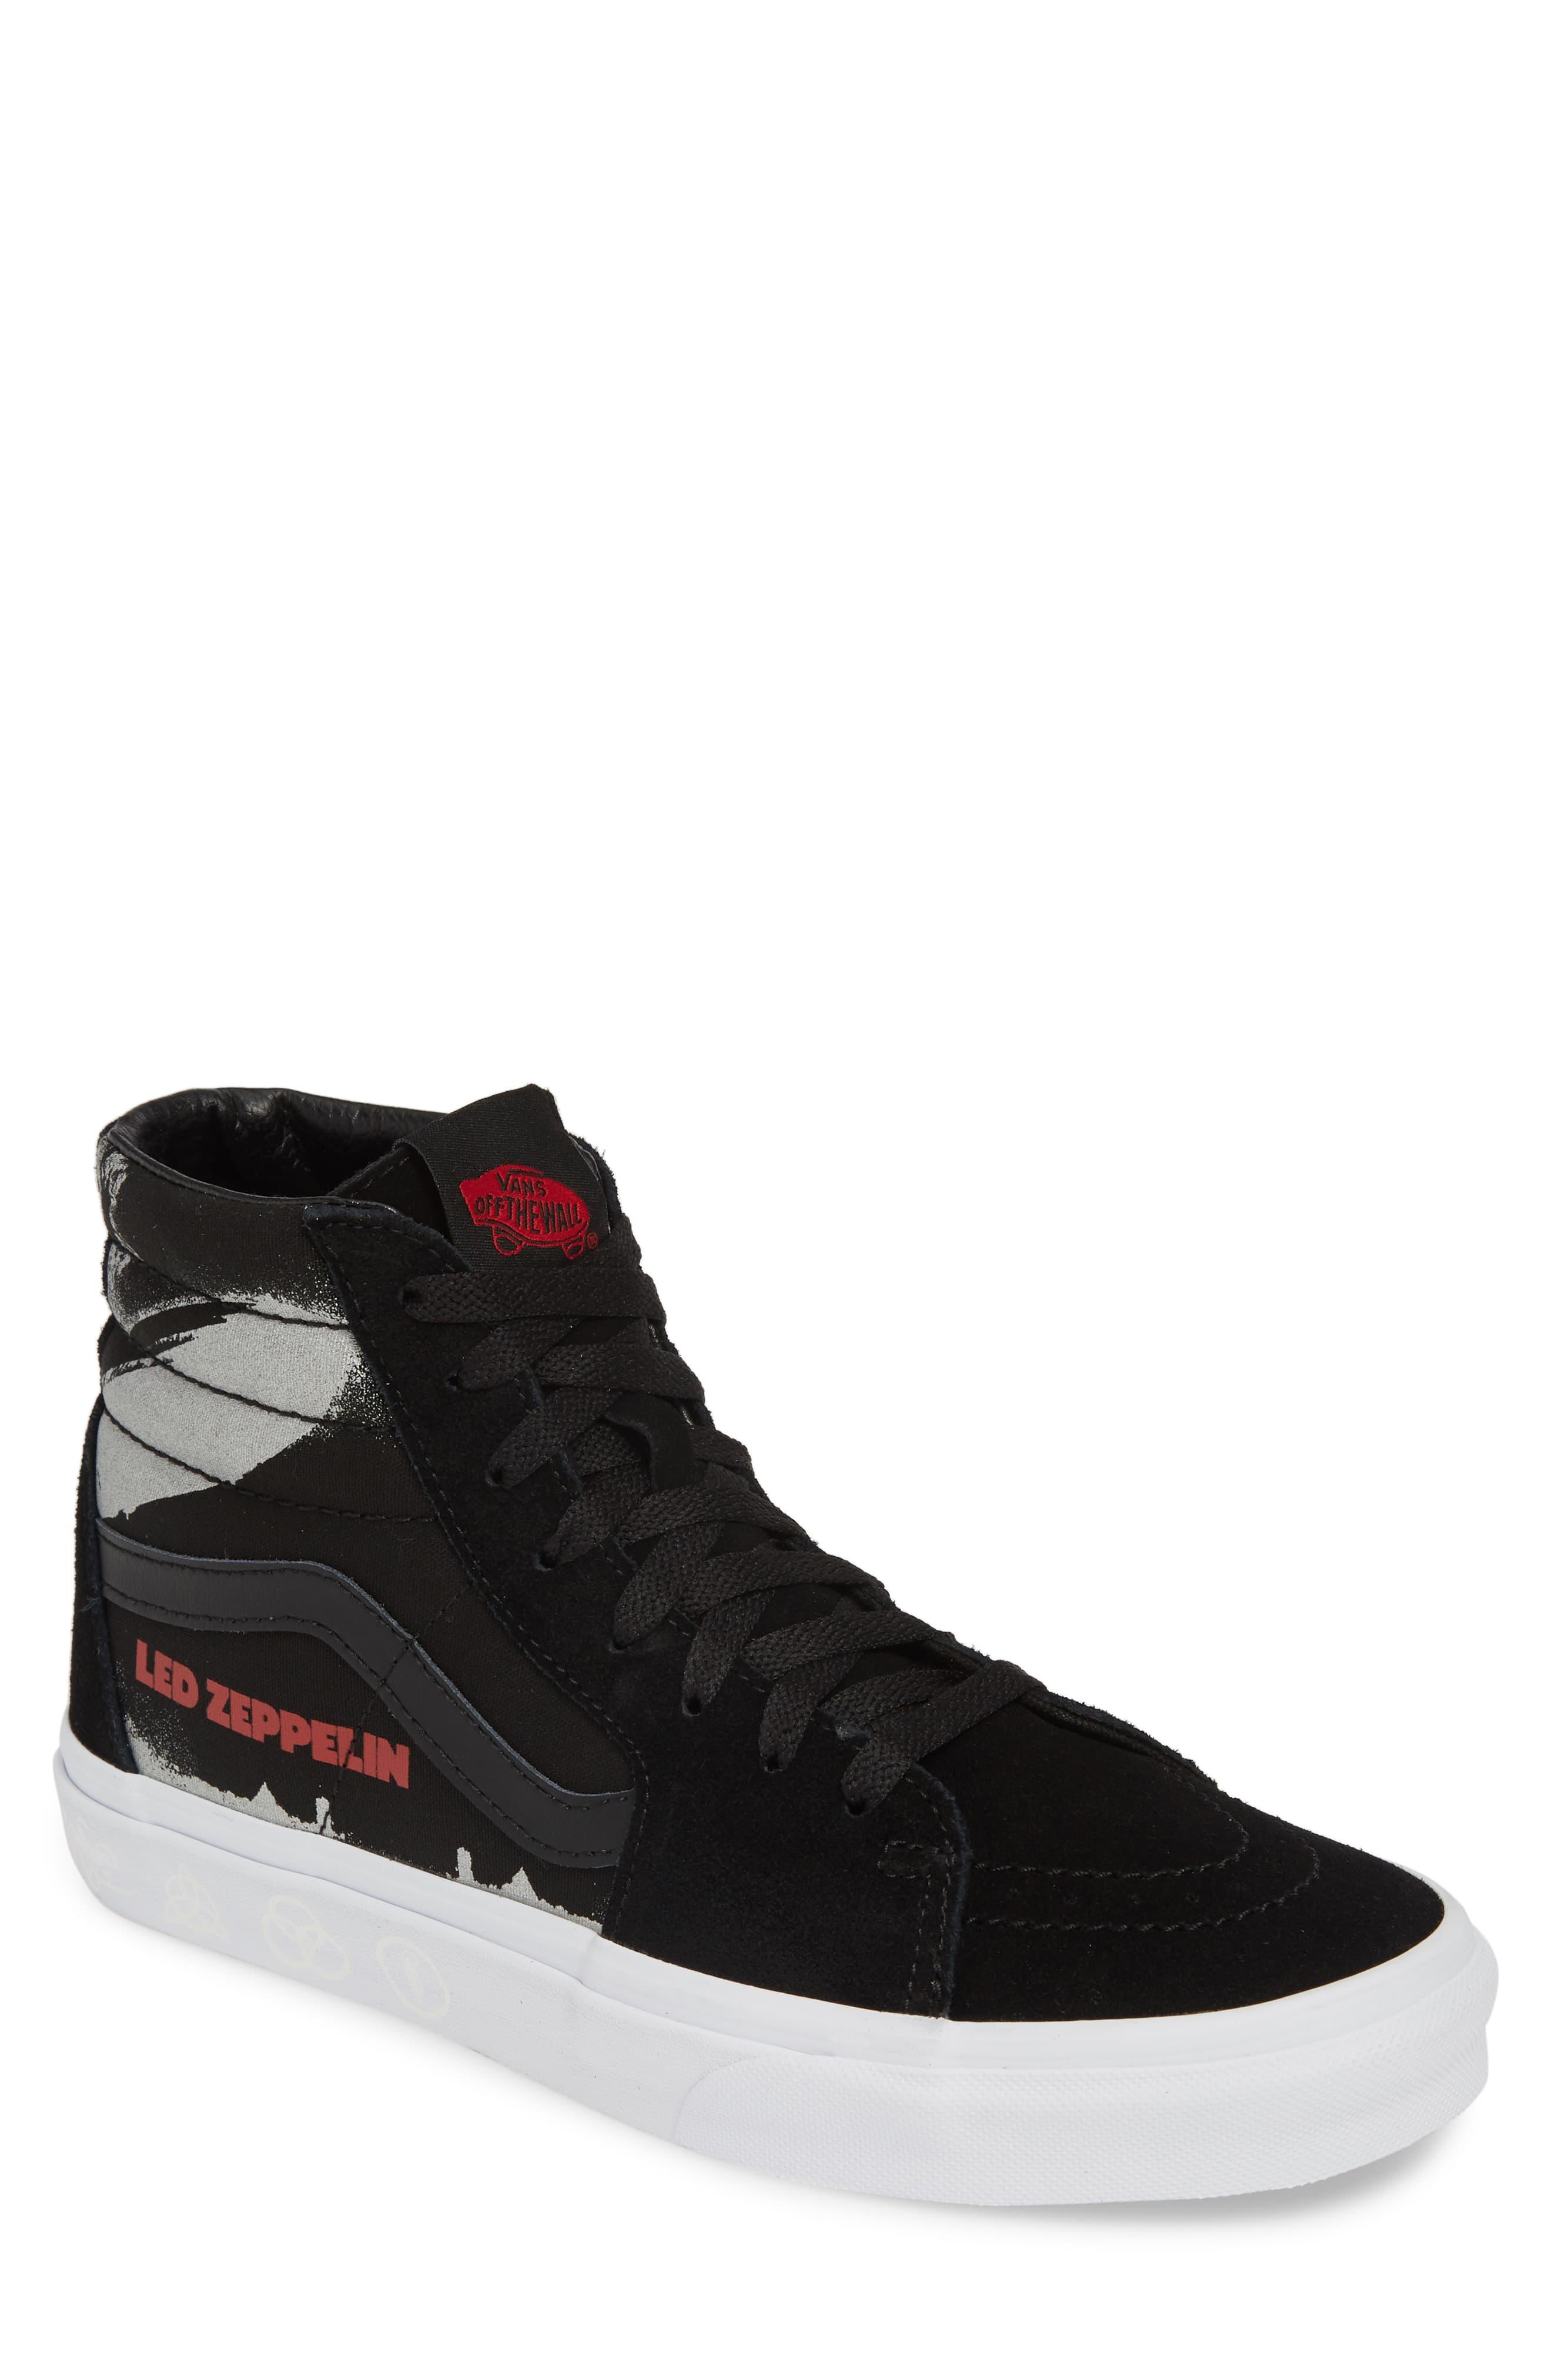 Vans x Led Zeppelin Sk8 Hi Sneaker (Men